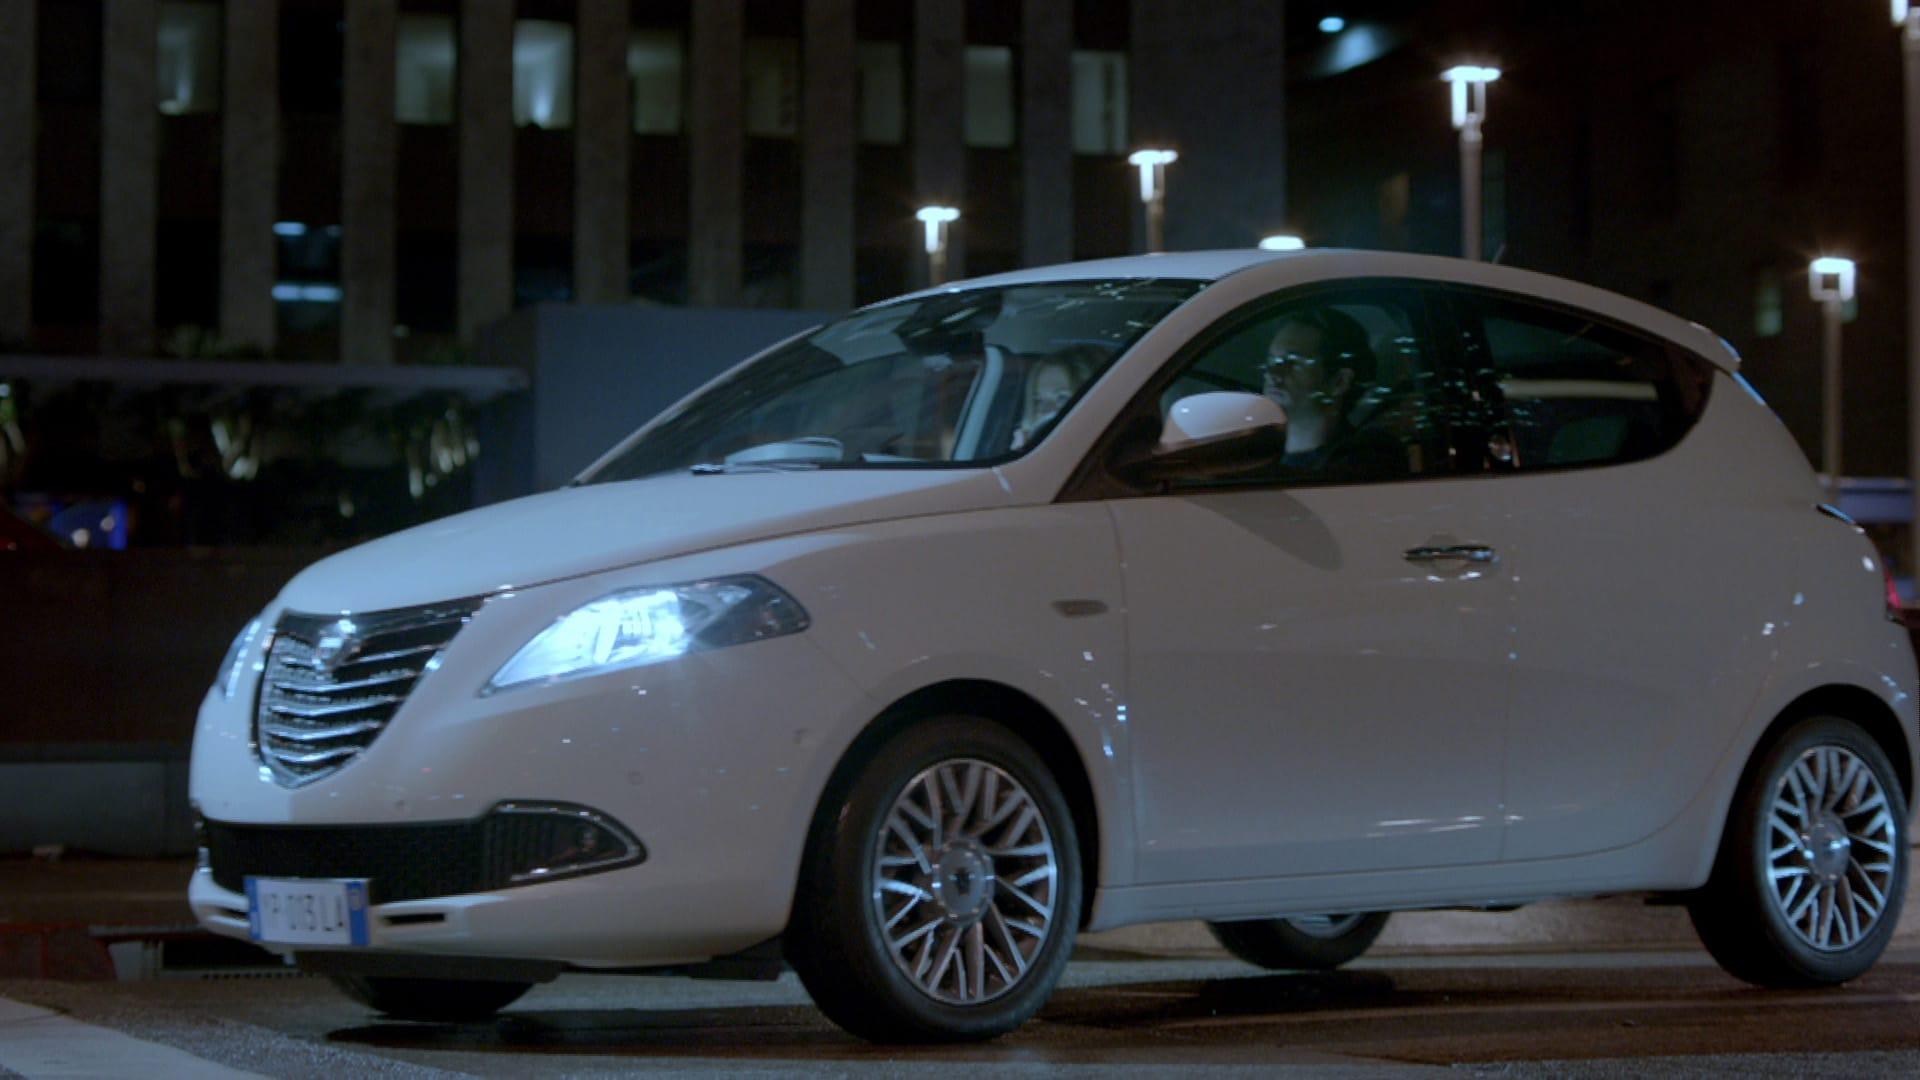 Lancia Ypsilon Ecochic Metano: la nuova nata della casa automobilistica presto negli showroom